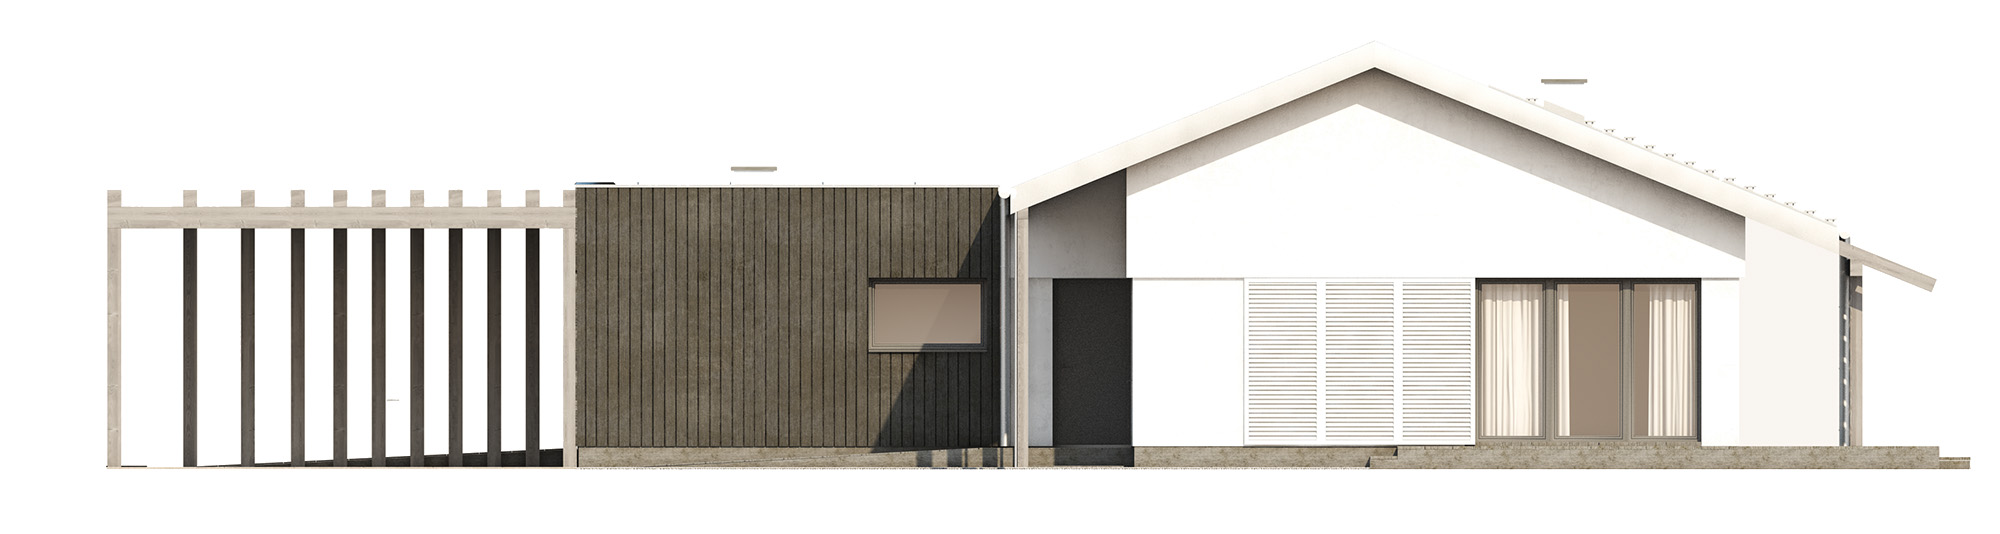 Projekt domu NIZINNY Domy Czystej Energii elewacja frontowa